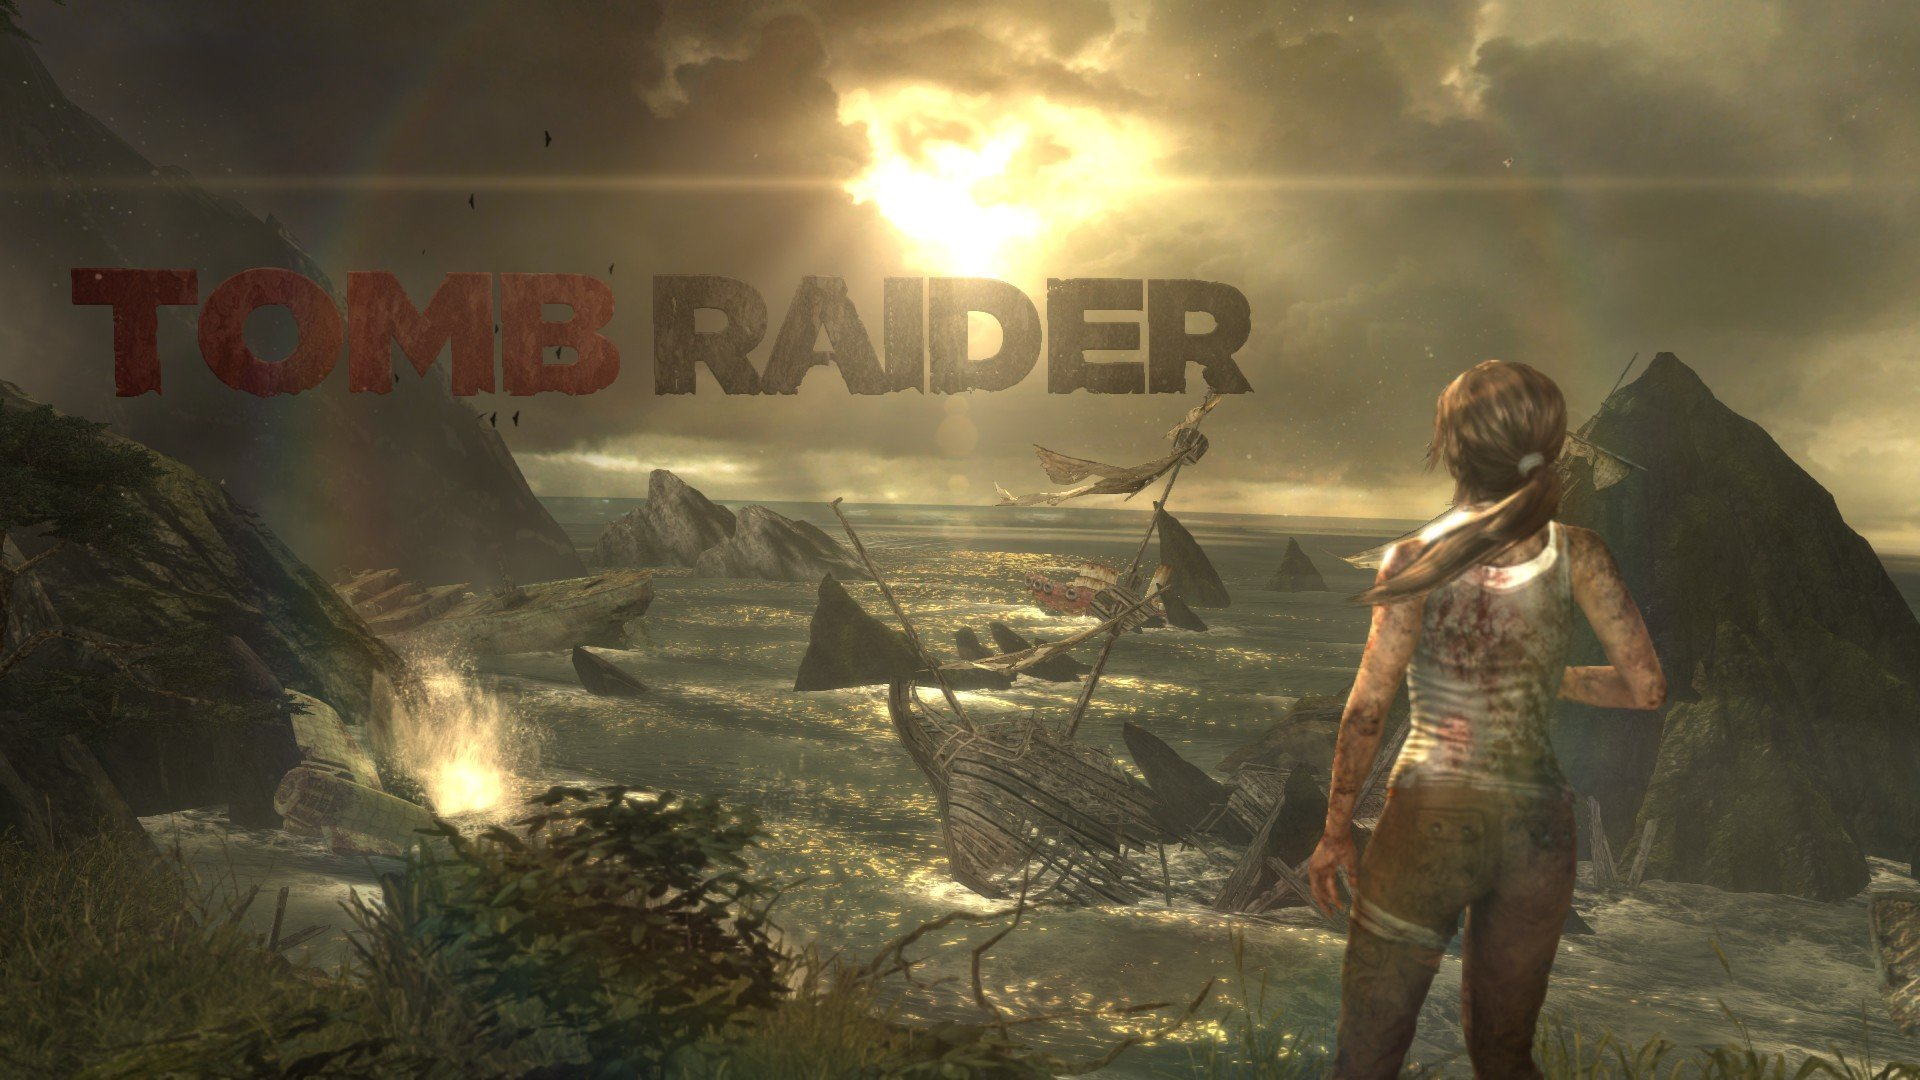 Новый Tomb Raider это настолько крутая игра, что даже не верится. Атмосферно, музыка Джейсона Грейвса в тему, атас г ... - Изображение 1